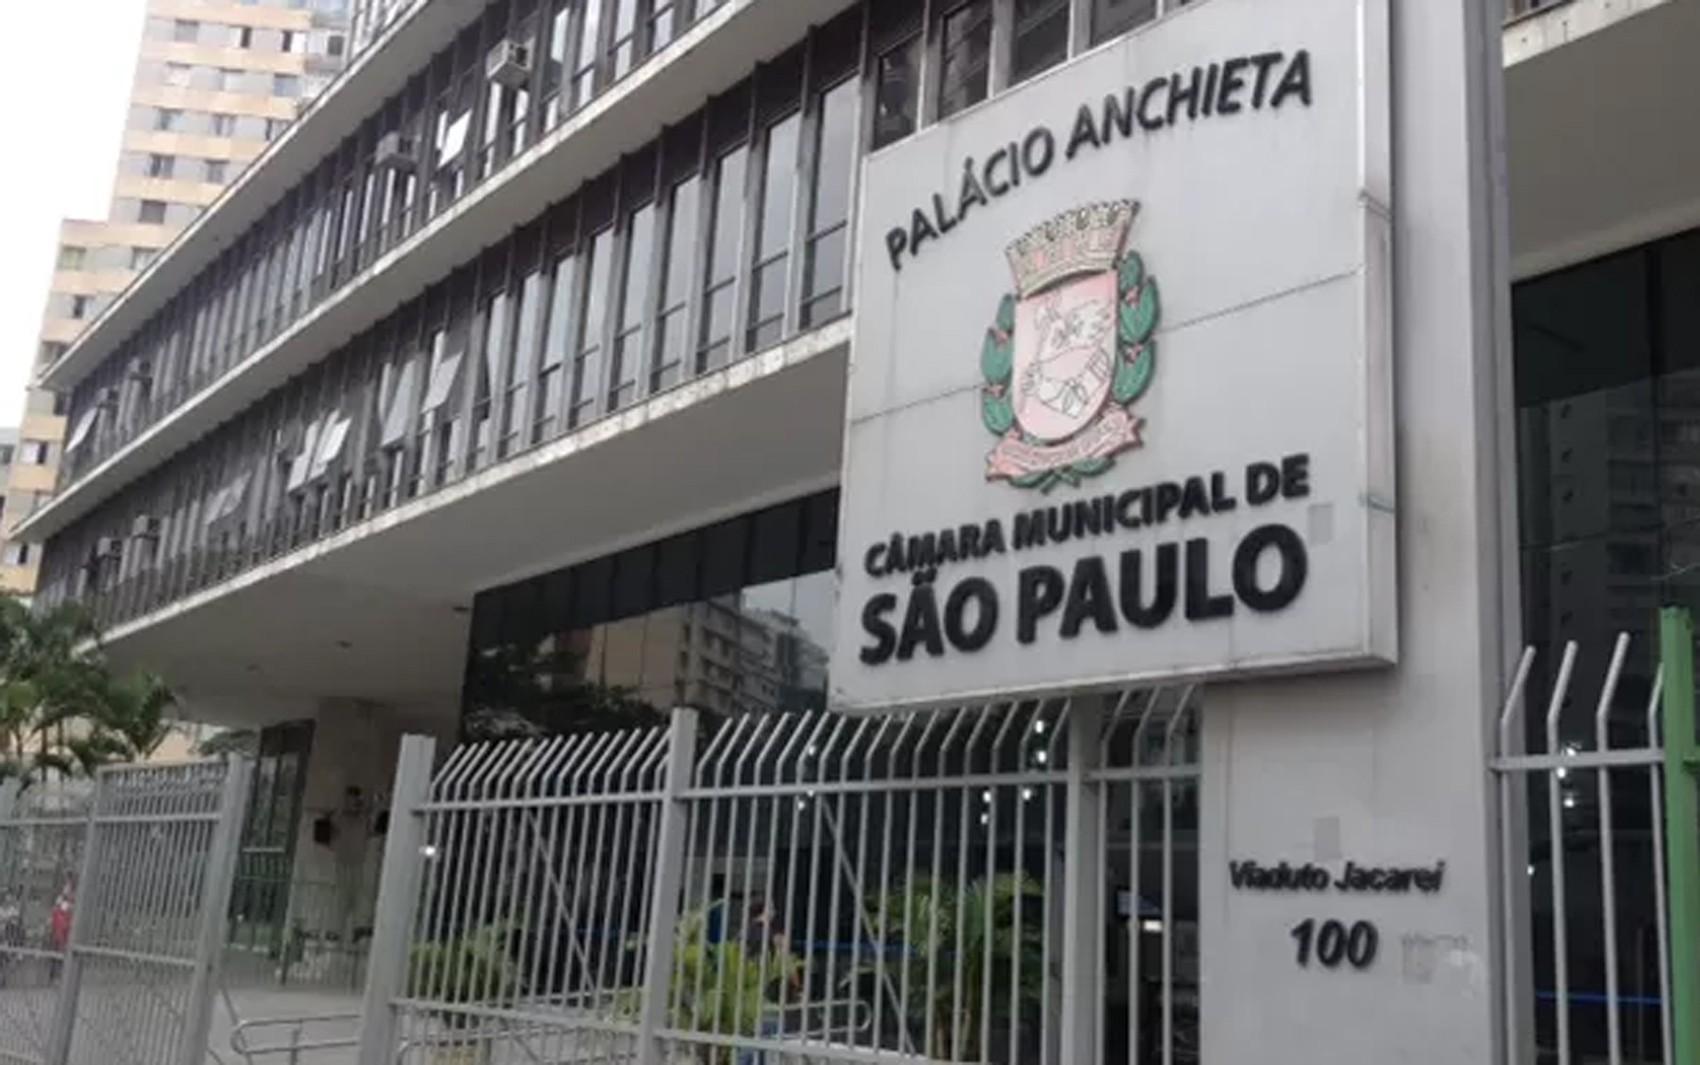 Justiça suspende até 1.068 cargos da Câmara Municipal de São Paulo